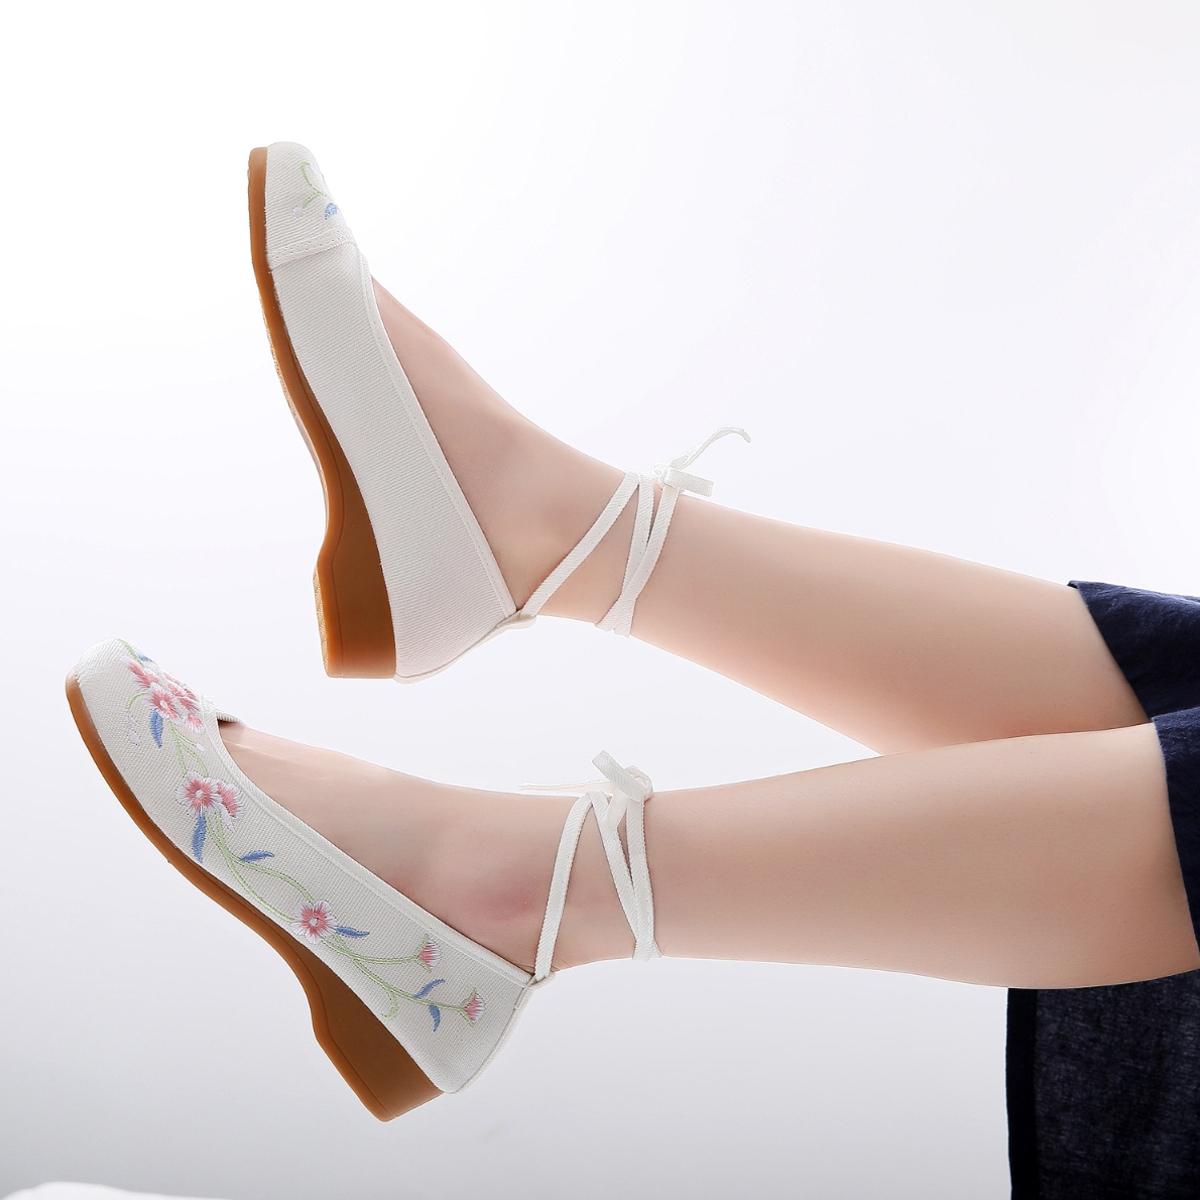 低跟坡跟鞋 汉服鞋子小坡跟古装绣花老北京布鞋女低跟古风布鞋女广场舞网红鞋_推荐淘宝好看的低跟坡跟鞋